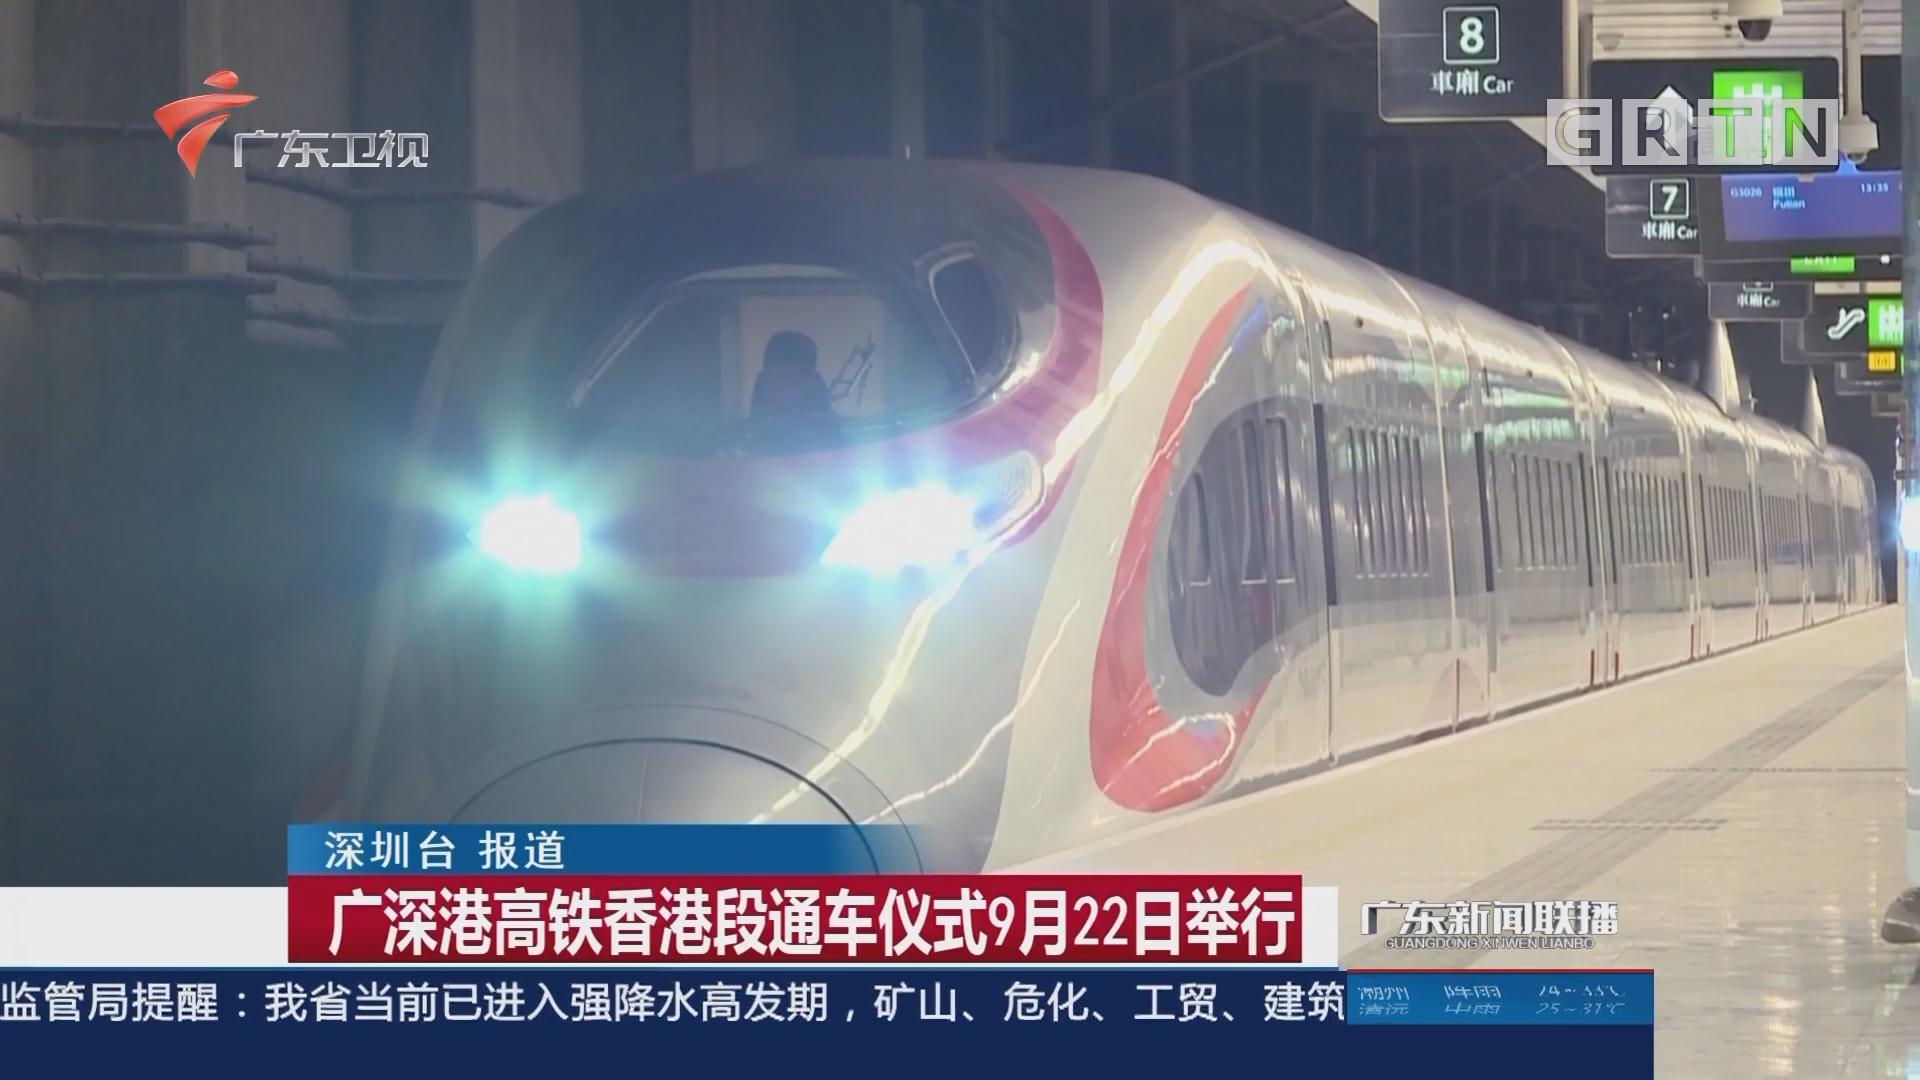 广深港高铁香港段通车仪式9月22日举行